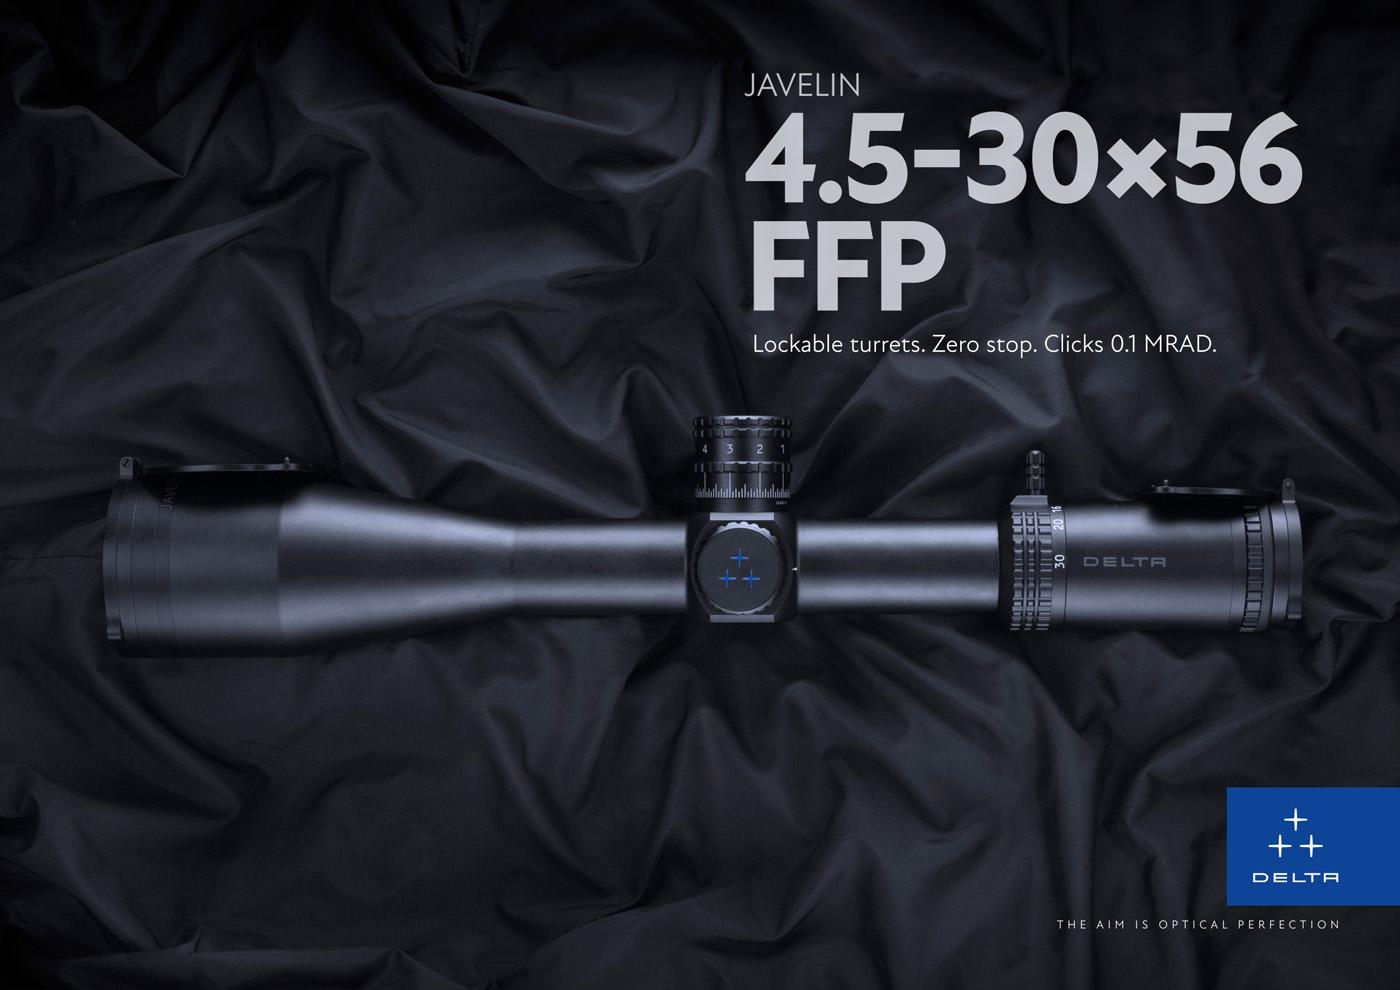 DELTA-Javelin-4-5-30x56-SMR-1-SMR-2-FFP-datasheet-1